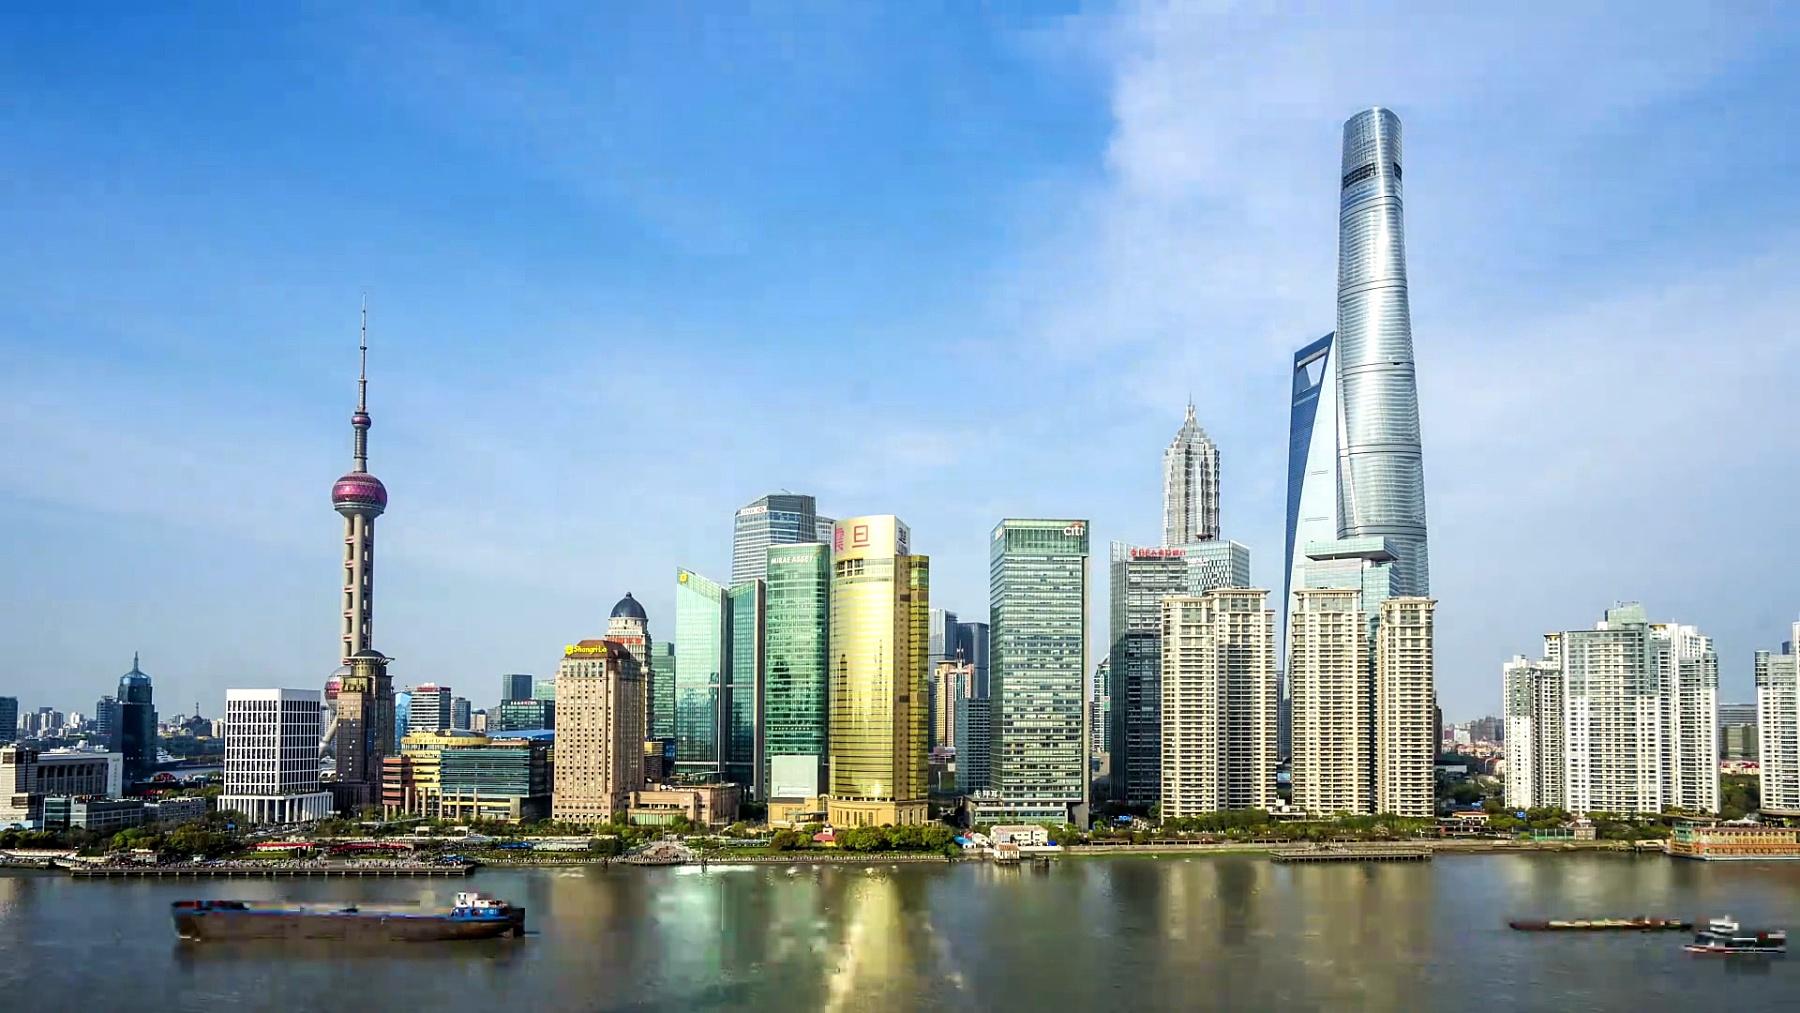 延时摄影-上海天际线